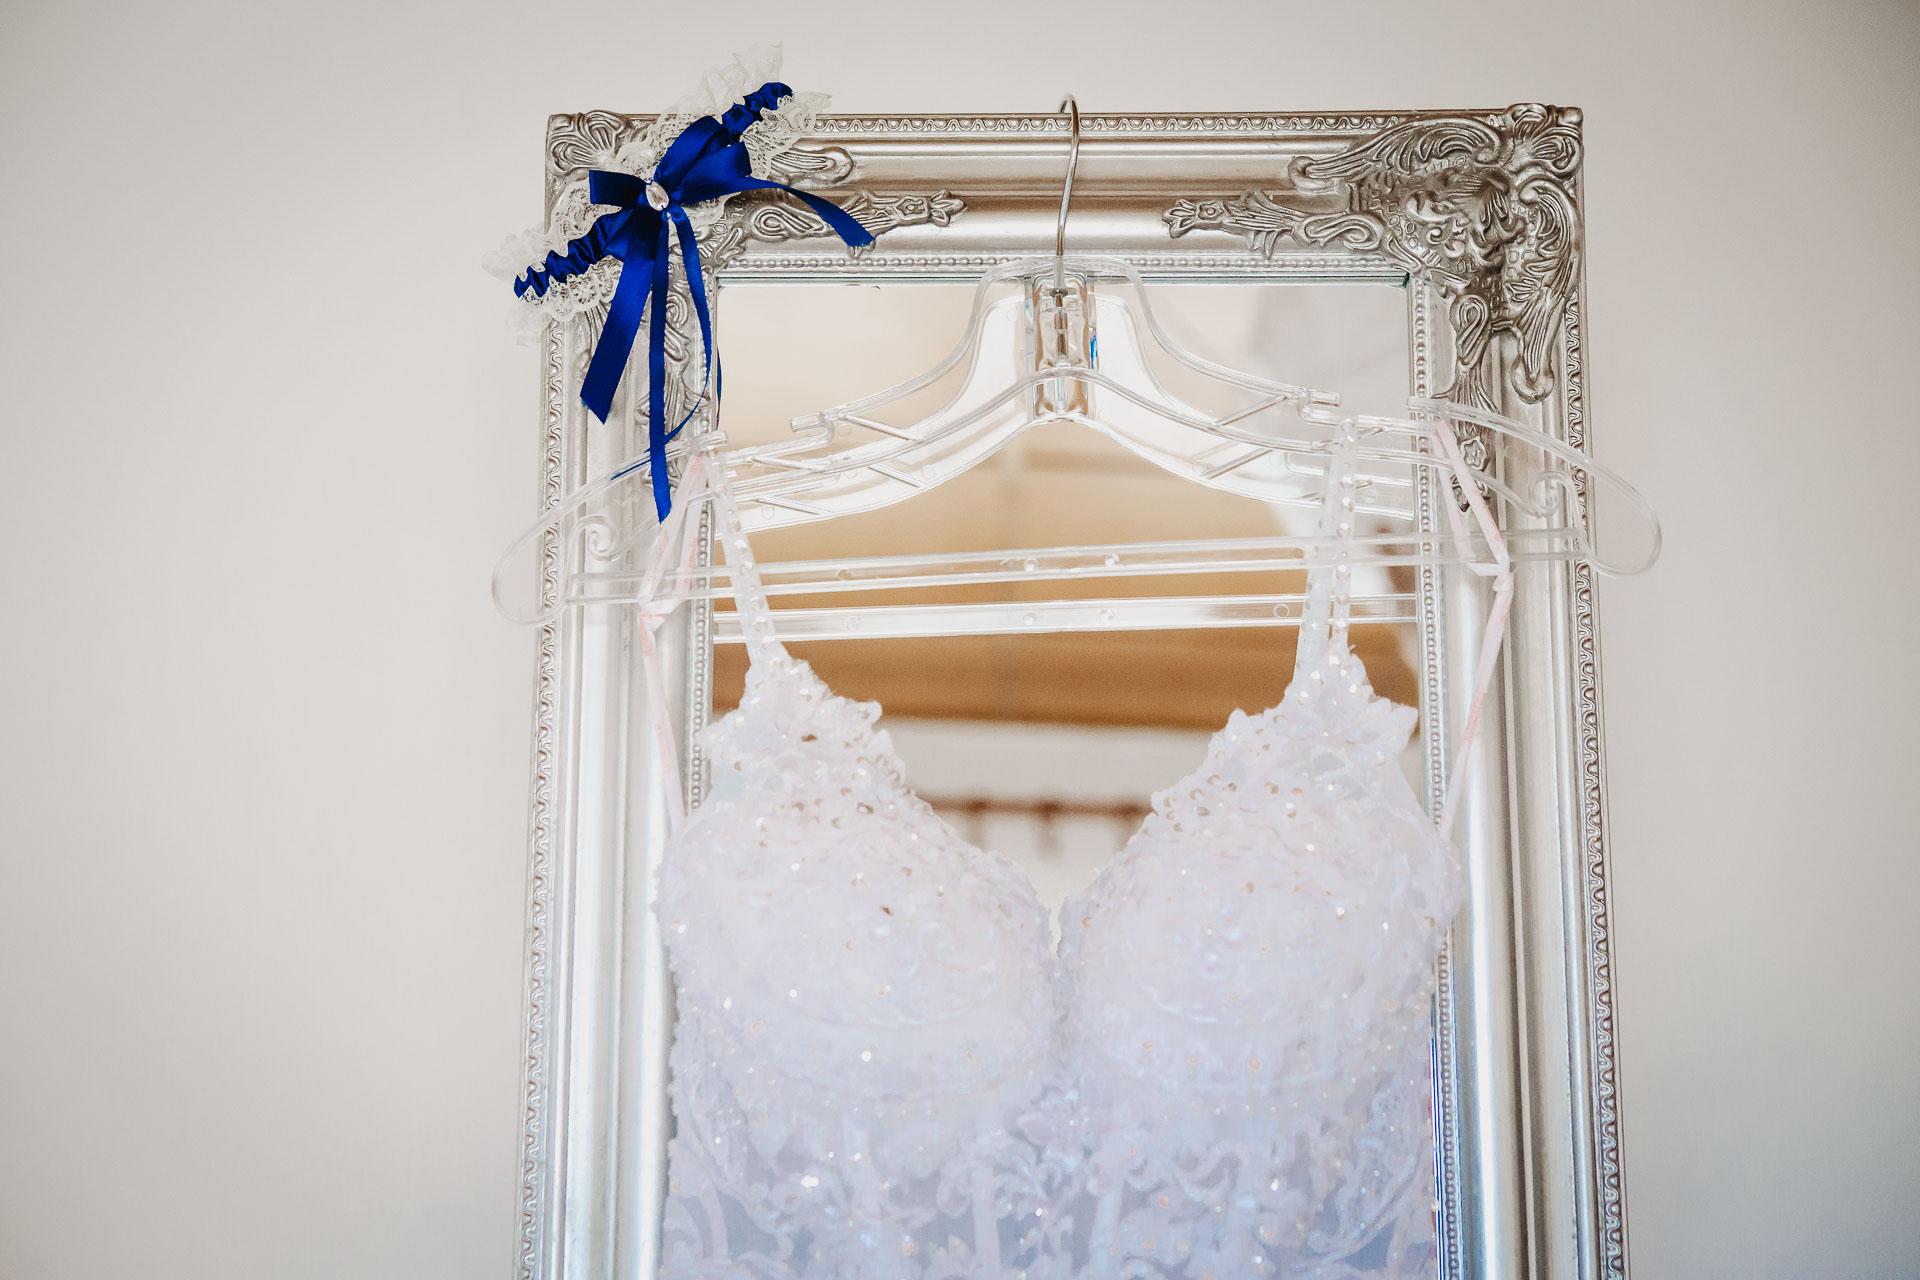 svatební-fotografie-Říp-svatební-video-ŘÍP-svatební-fotograf-ŘÍP-svatba-Mělník-svatba-Neratovice-fotograf-na-savtbu-kameraman-na-svatbu-5